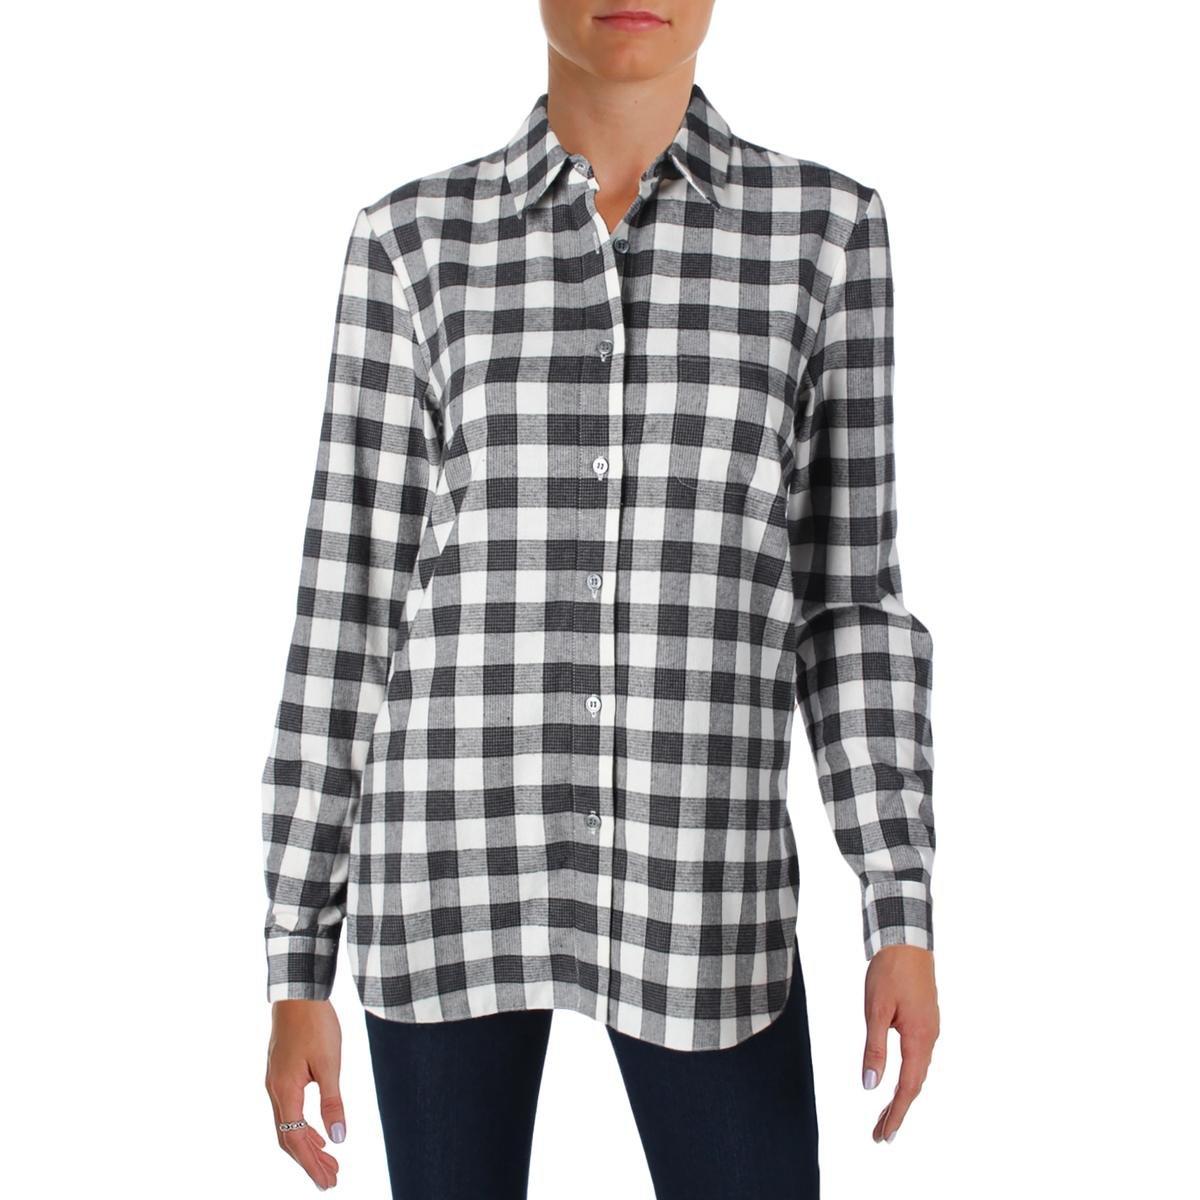 Jenni Kayne Womens Boyfriend Shirt Flannel Side Slit Button-Down Top B/W S